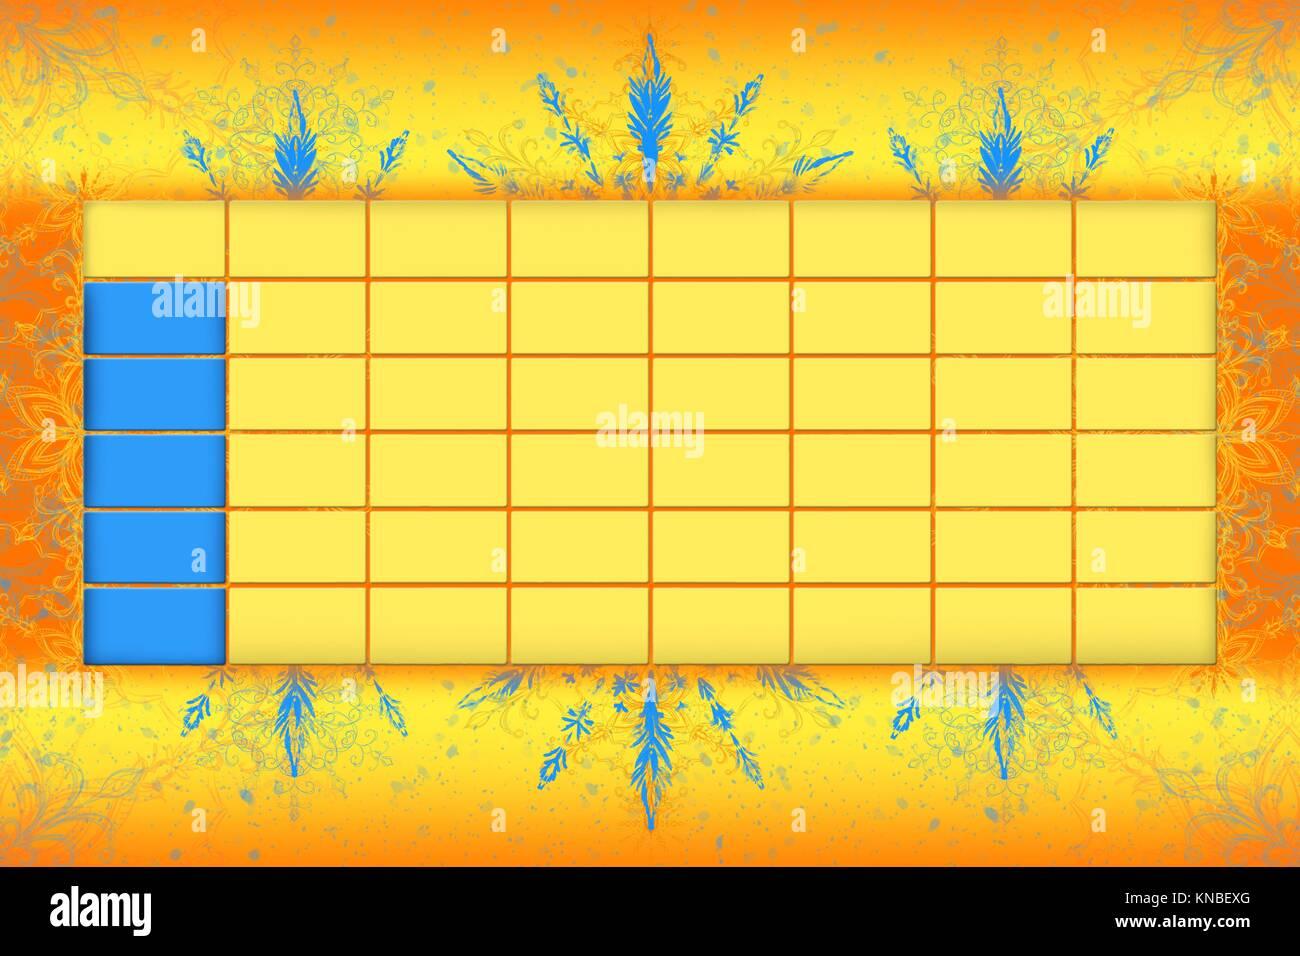 Calendario Academico Us.Calendario Escolar Calendario Con Colorido Ilustracion 3d De Fondo